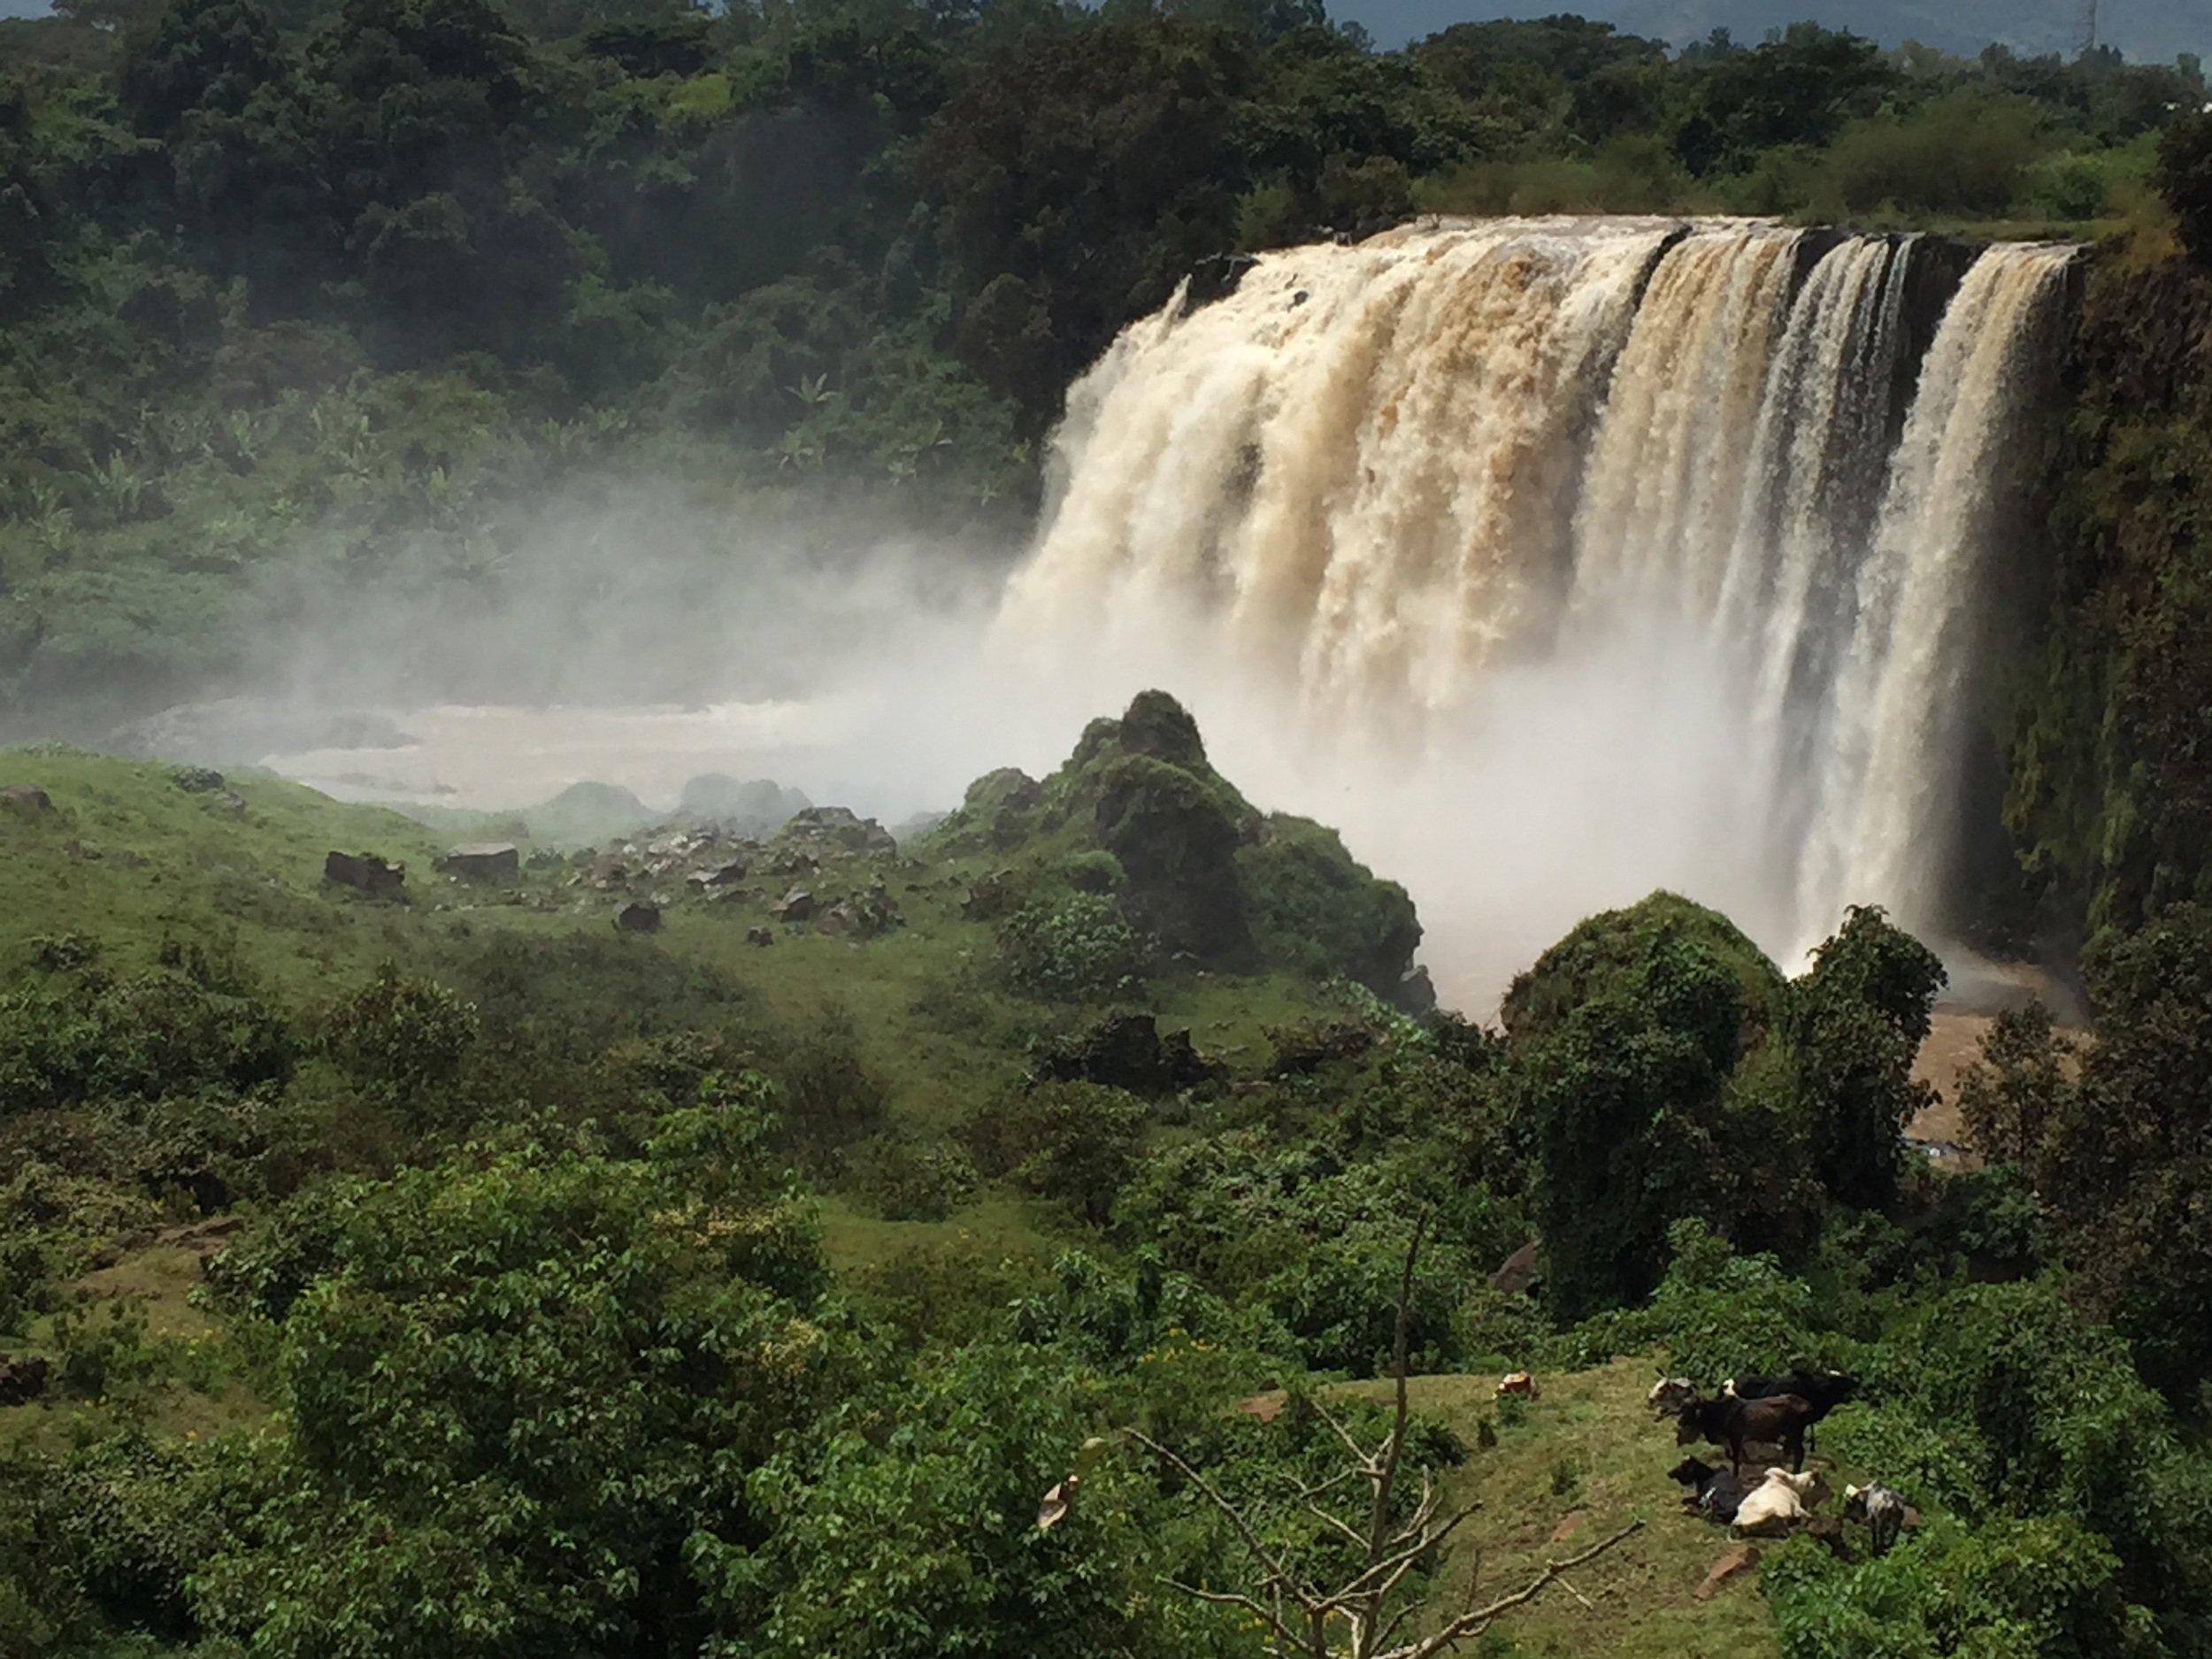 Ein großer Wasserfall am Blauen Nil inmitten von üppiger Vegetation, im Vordergrund grasende Kühe.